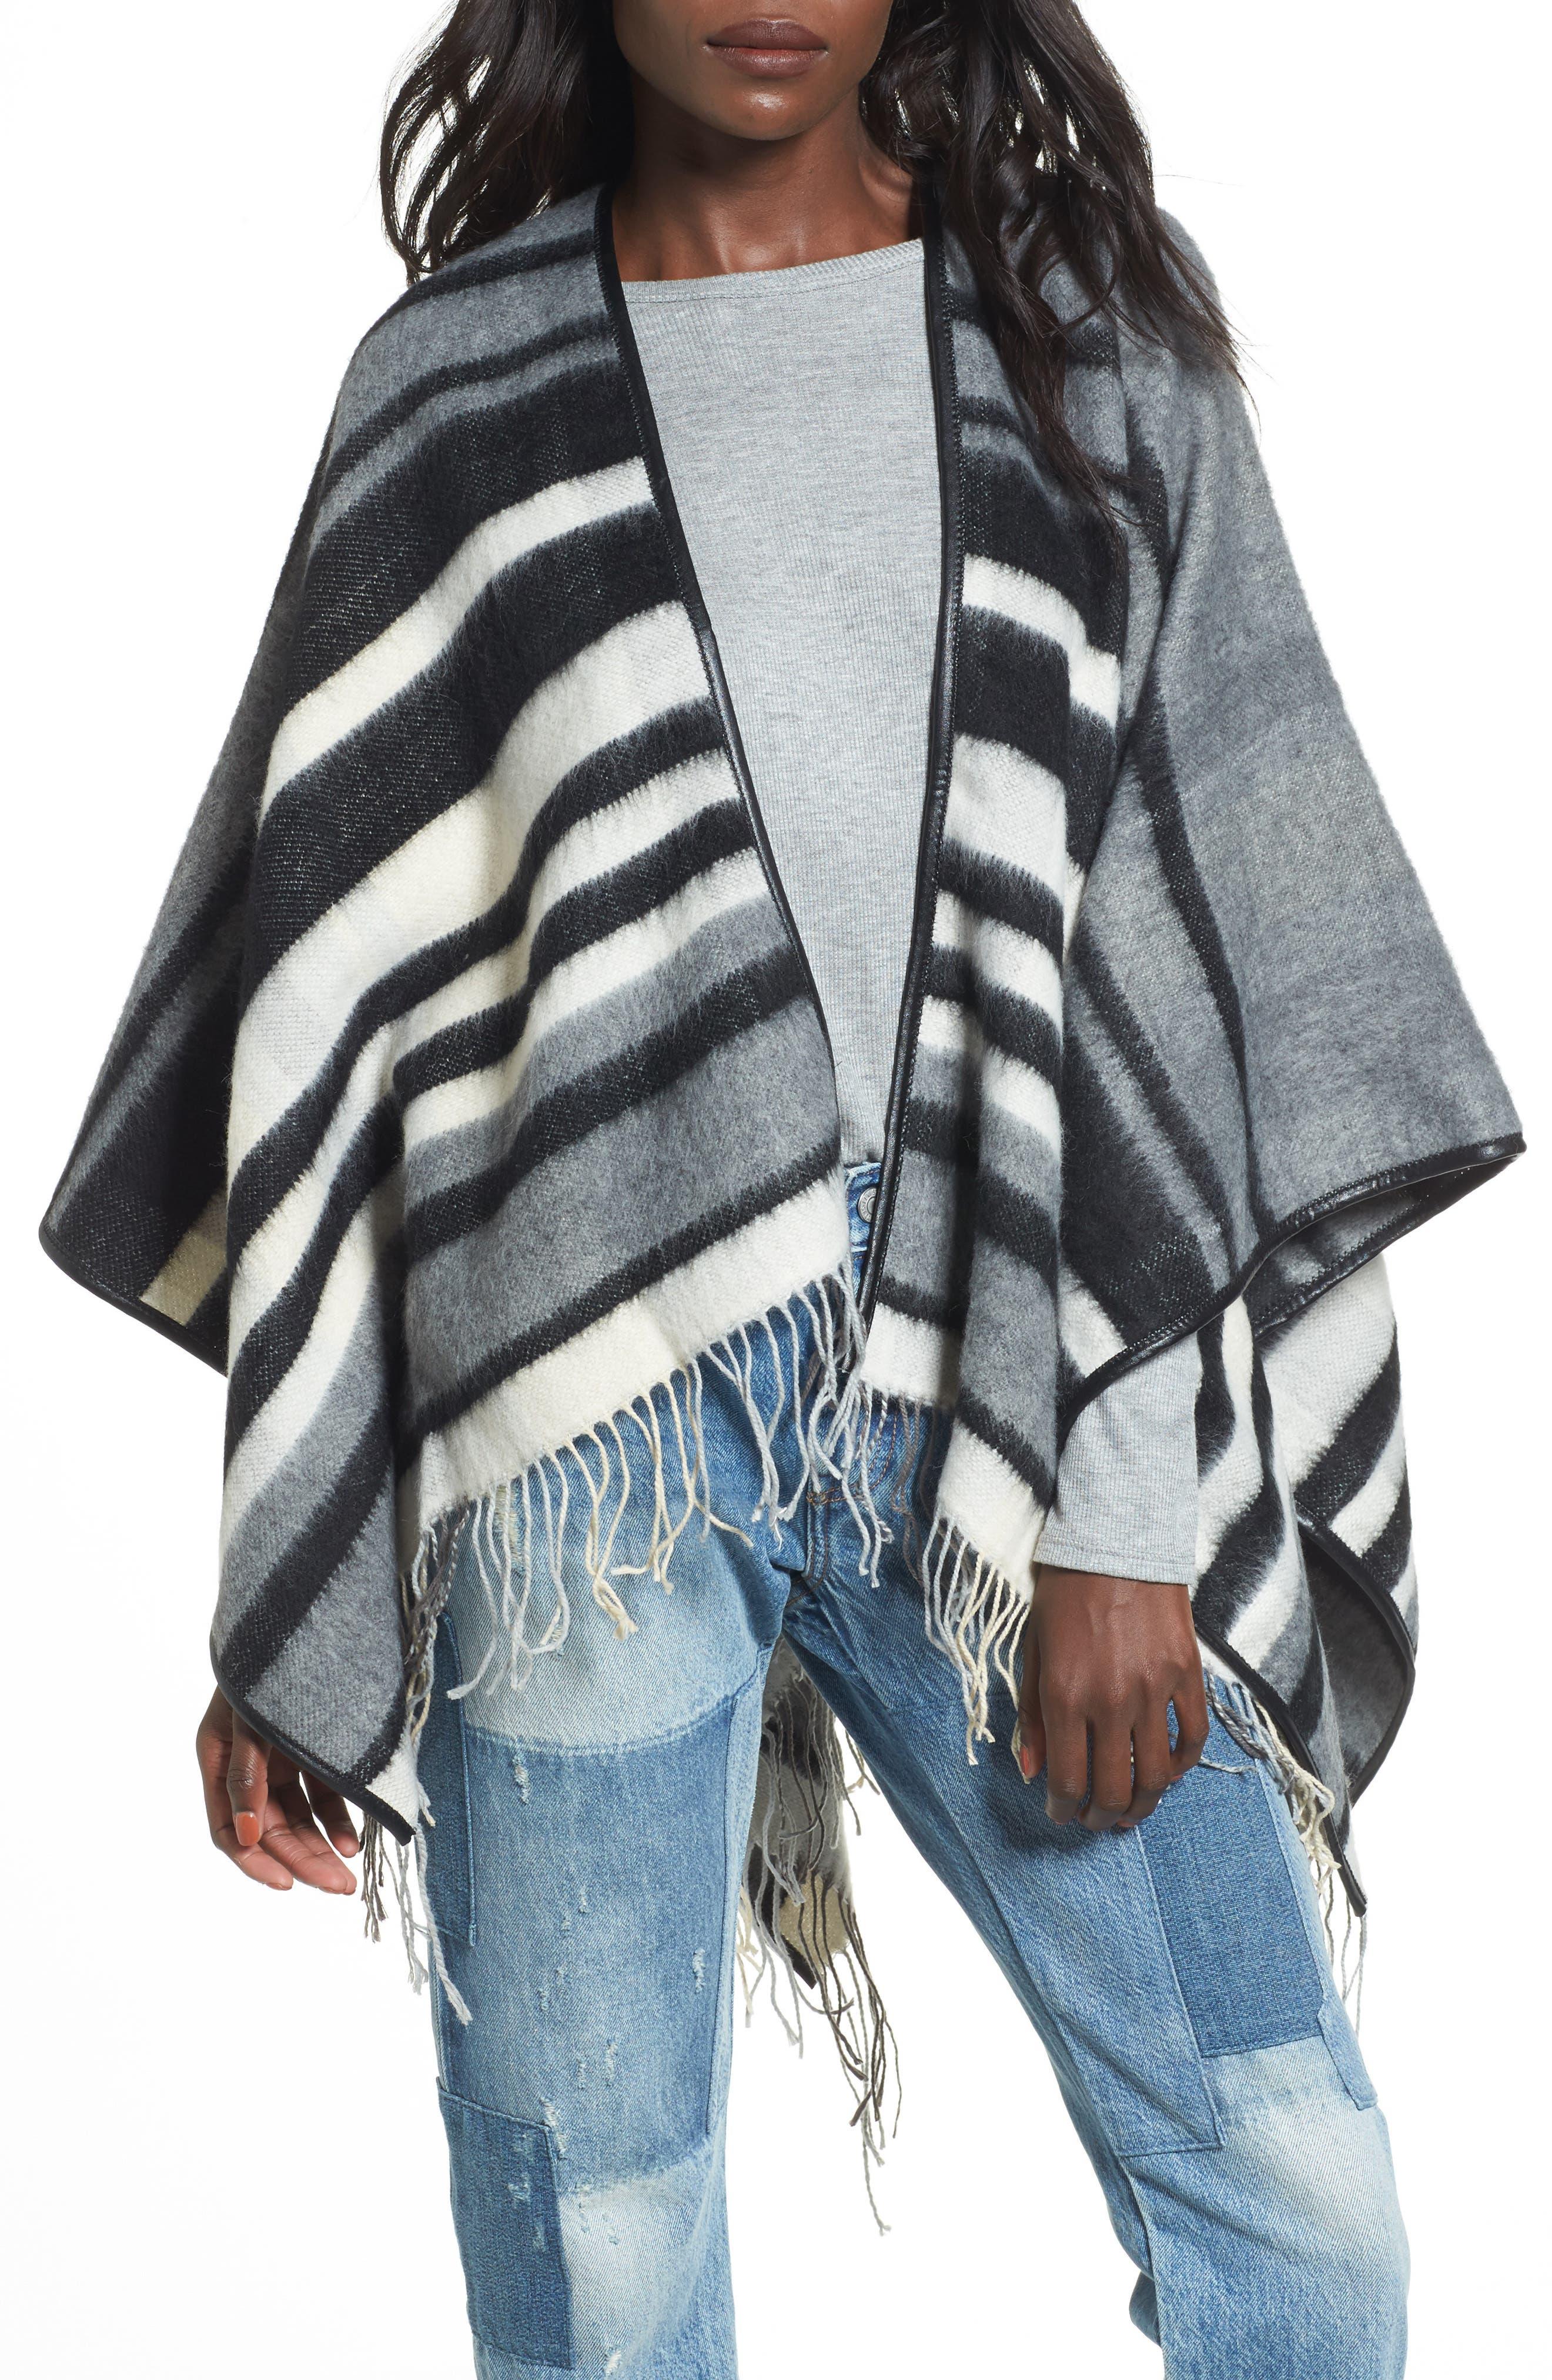 Accessory Collective Stripe Ruana,                         Main,                         color, Black/ Grey